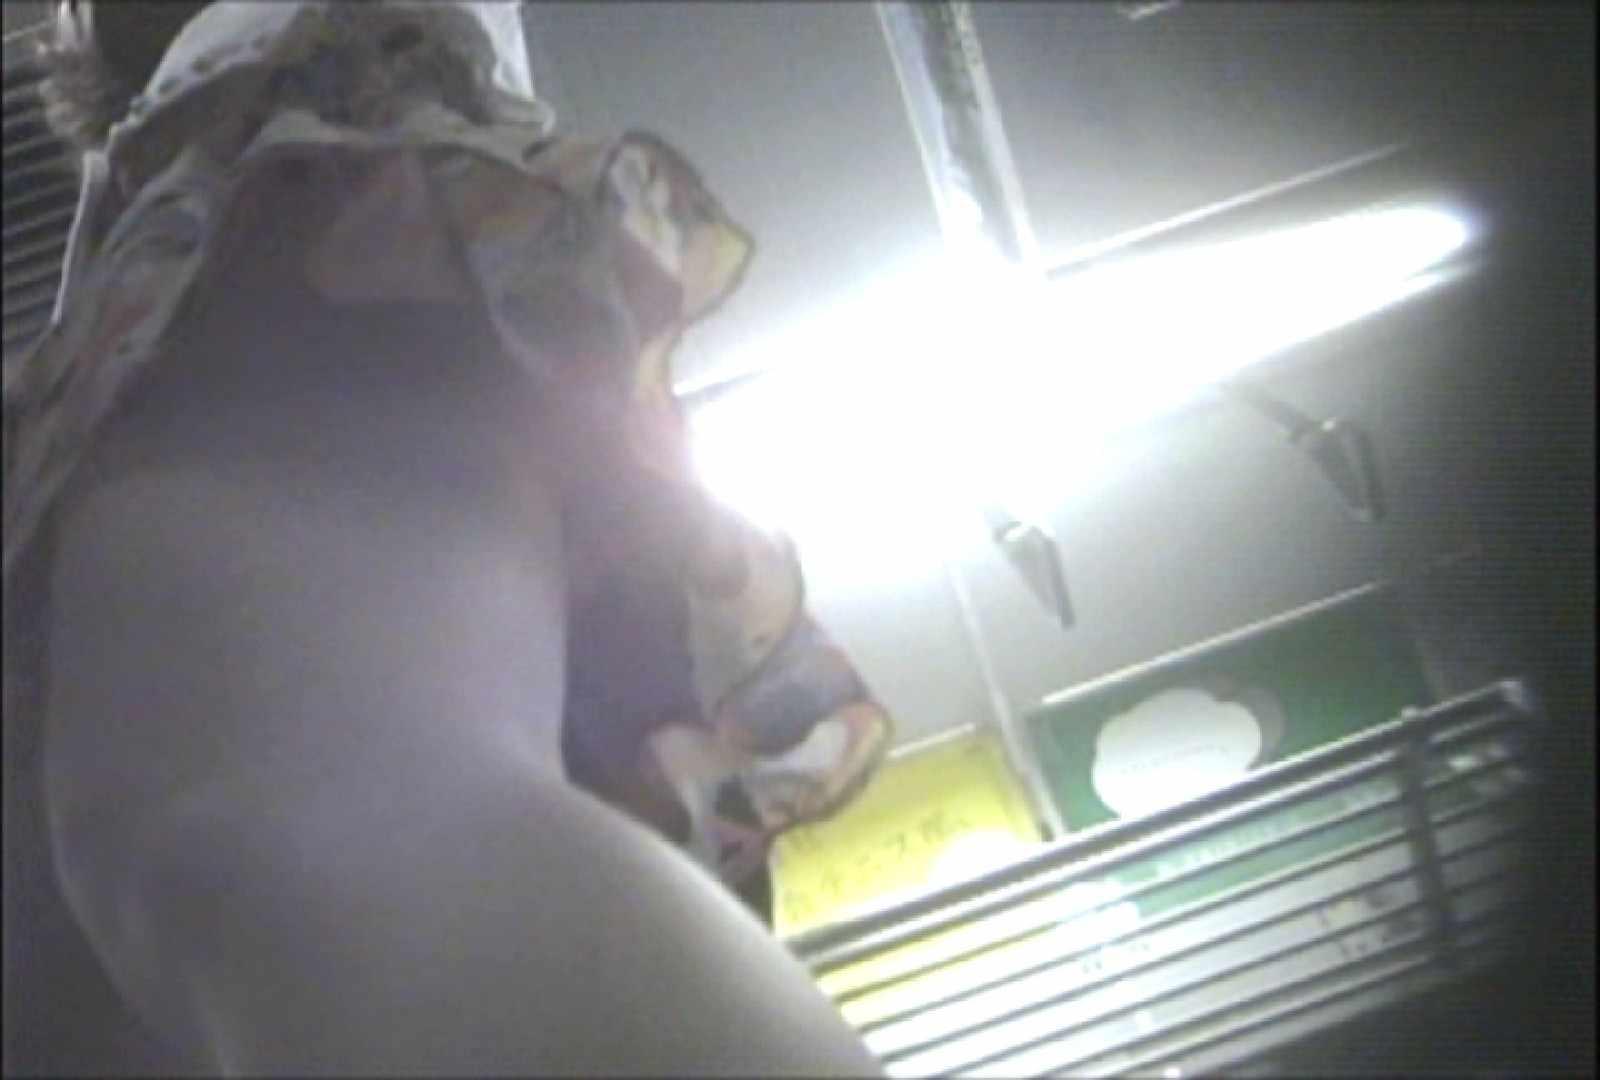 「しん」さんの逆さバイキングVol.8 OLの実態 盗撮動画紹介 87pic 20